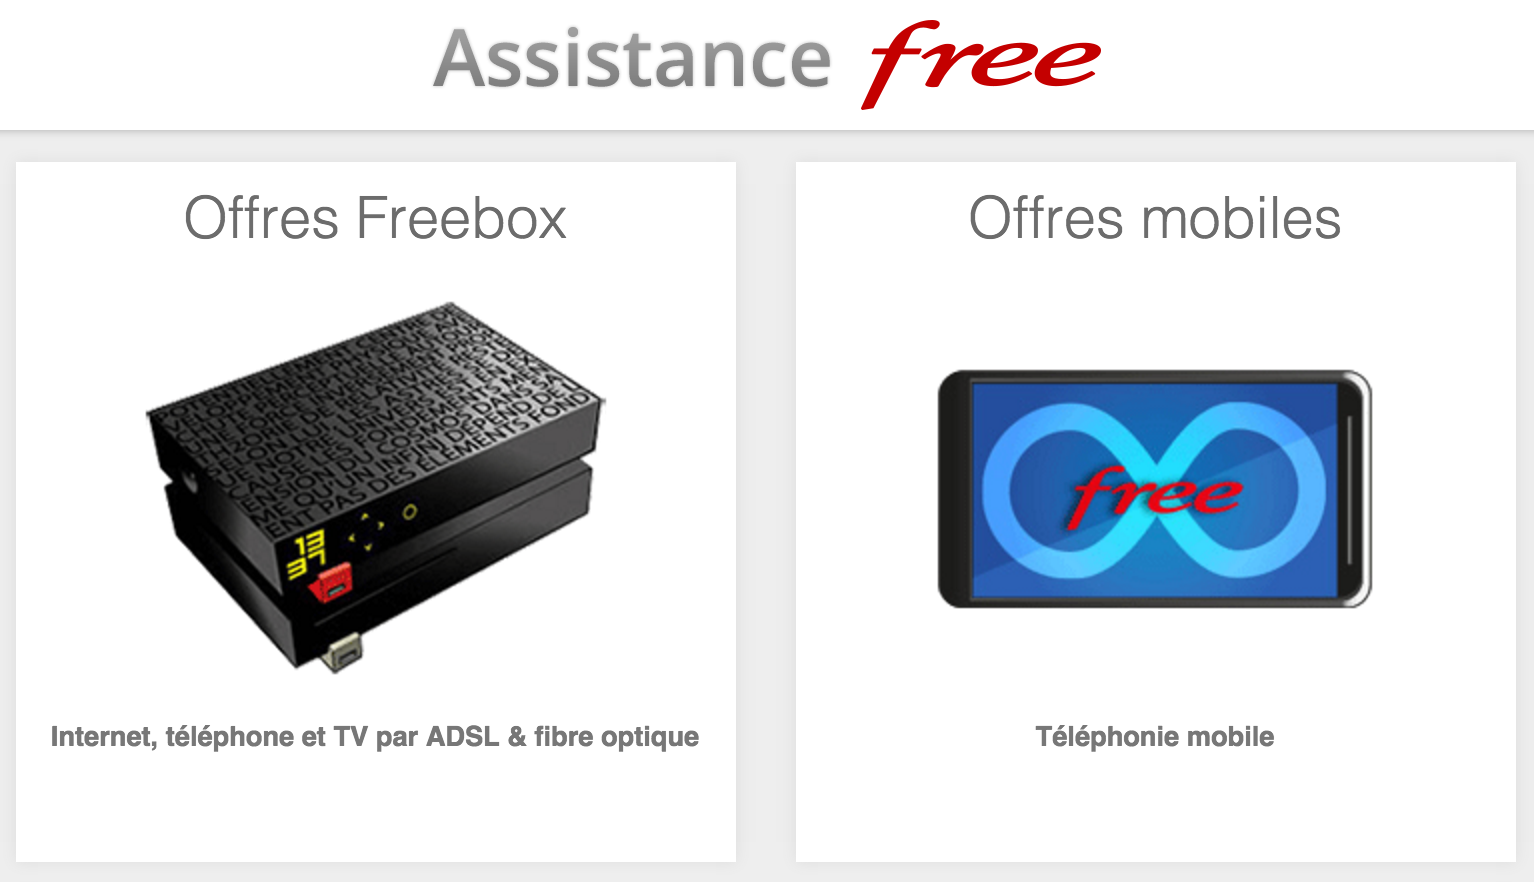 Aperçu de la page d'assistance officielle de Free